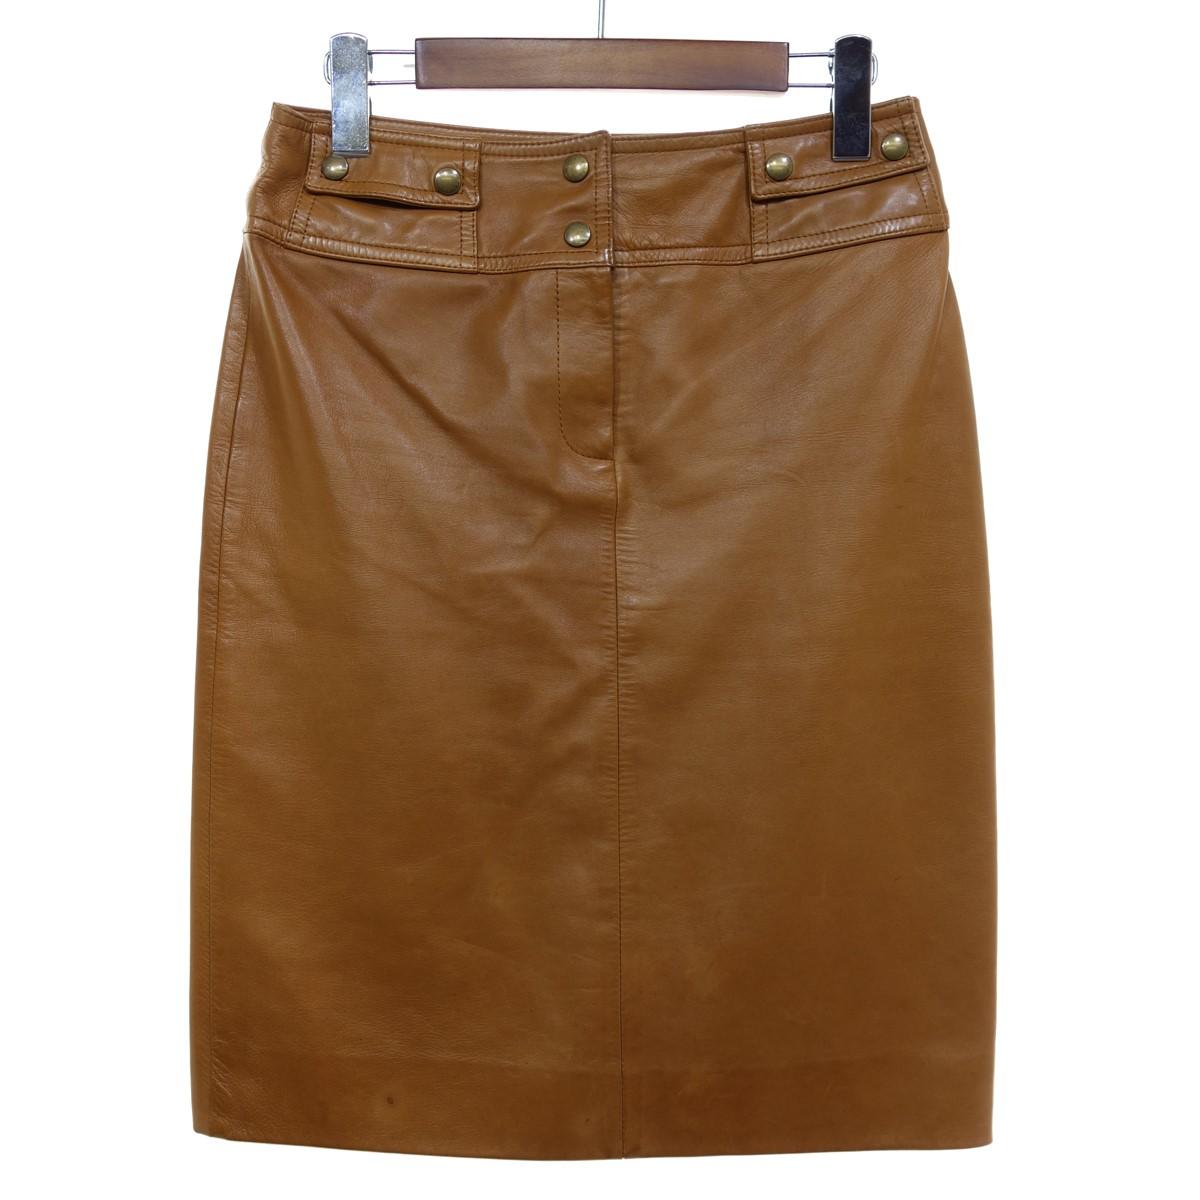 【中古】CELINE ラムレザータイトスカート ブラウン サイズ:36 【110420】(セリーヌ)